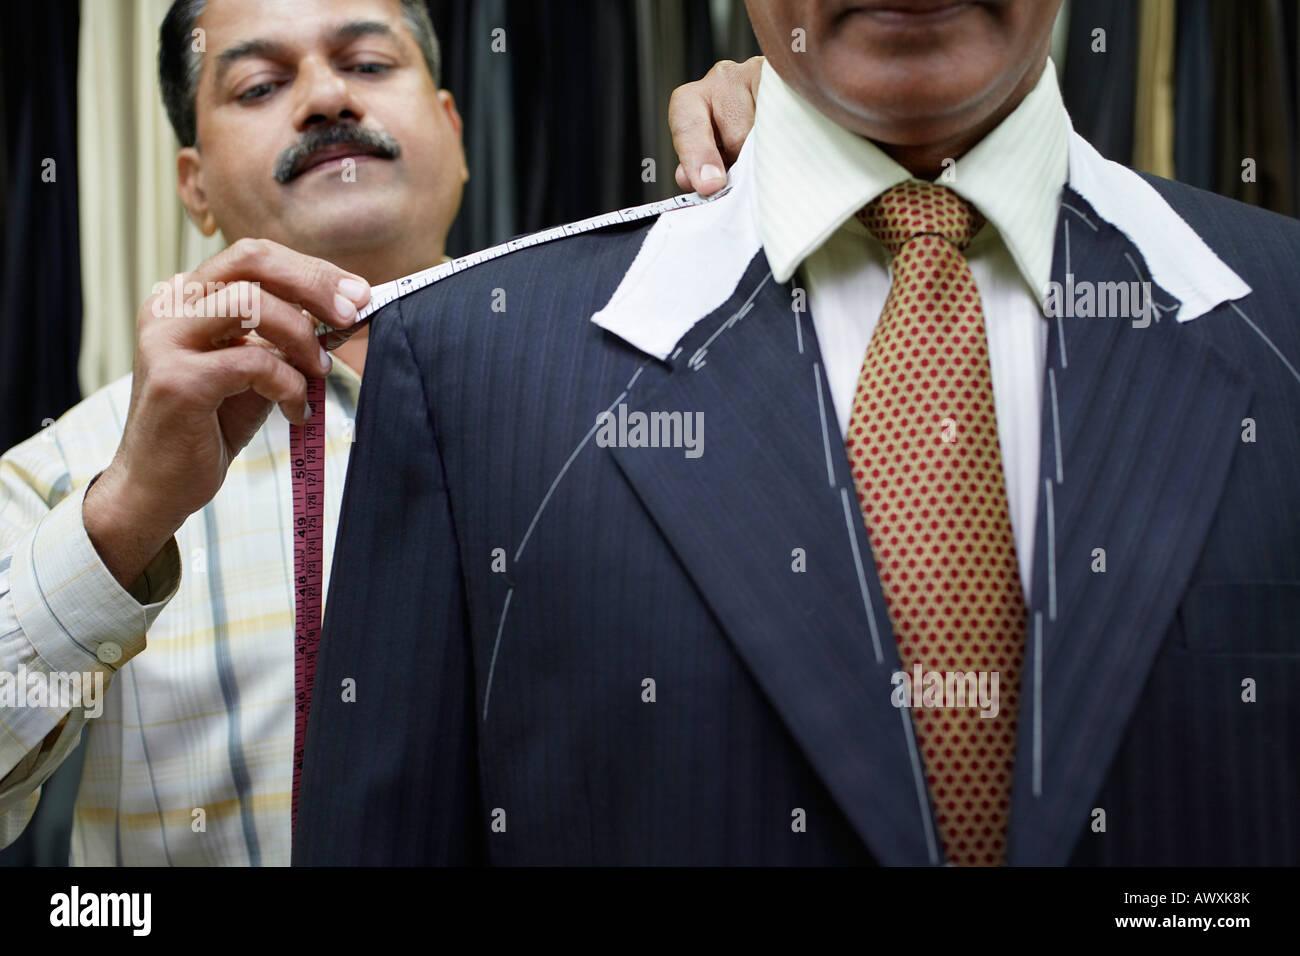 La mesure de l'homme d'affaires sur mesure avec ruban à mesurer, Close up Photo Stock